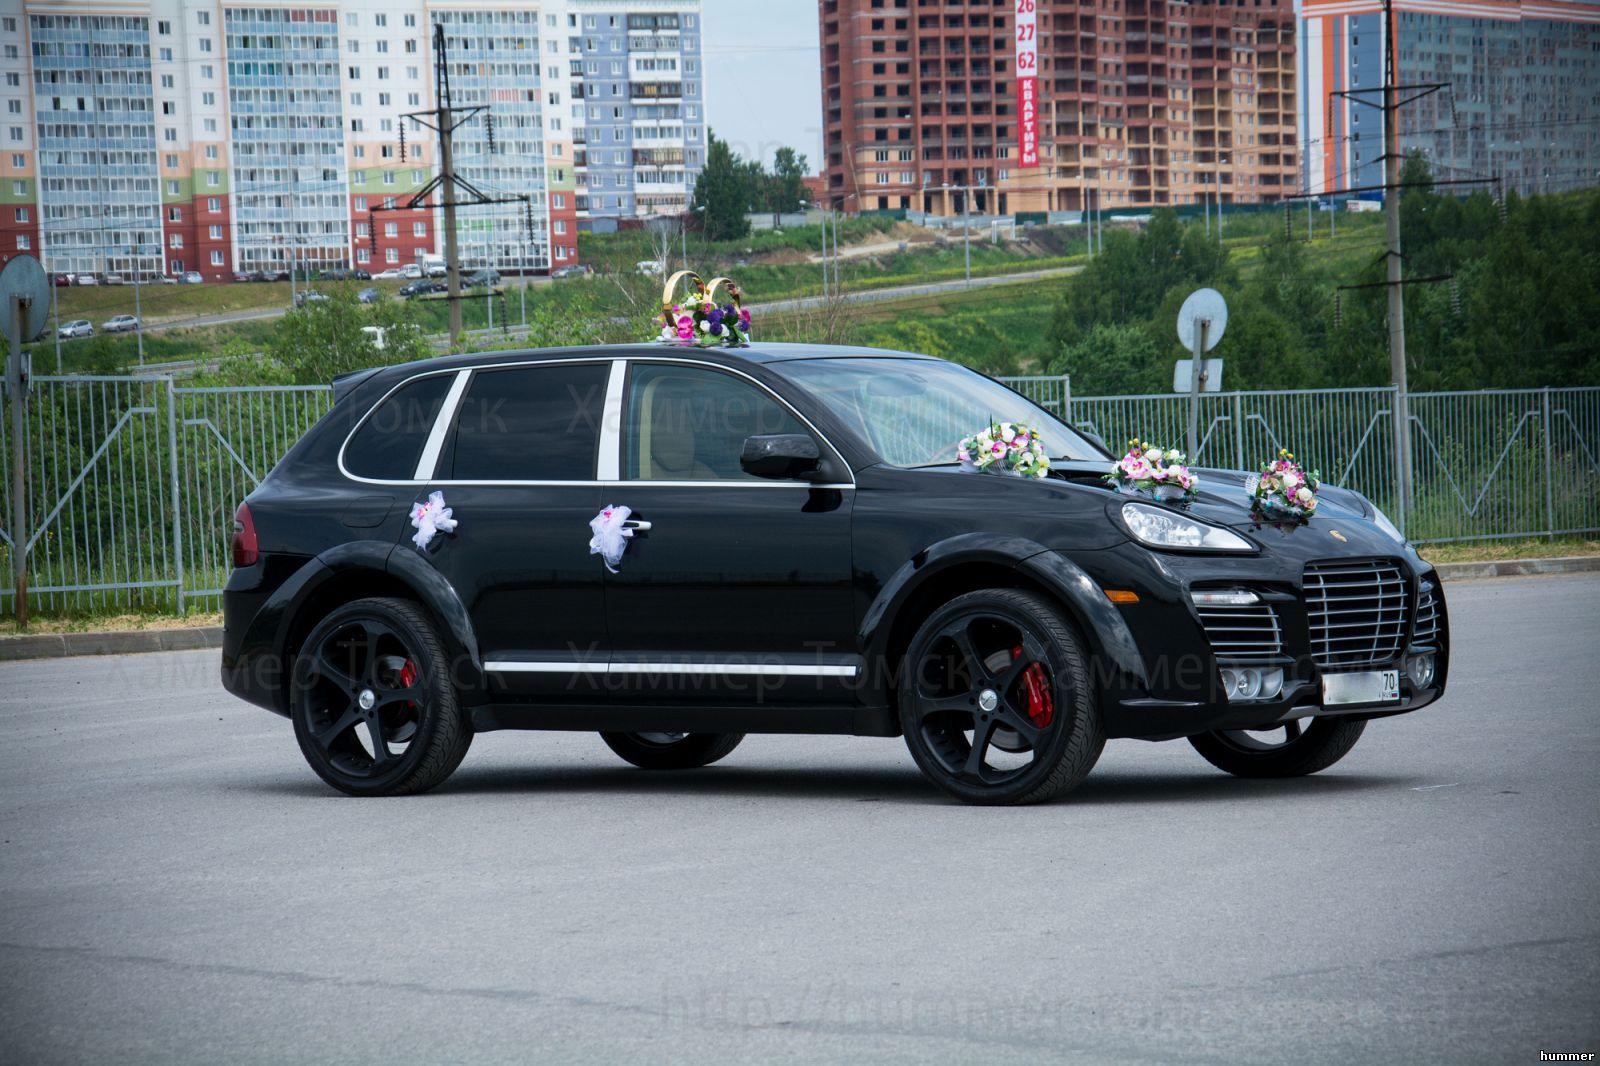 Прокат лимузинов аренда заказ недорого в Москве